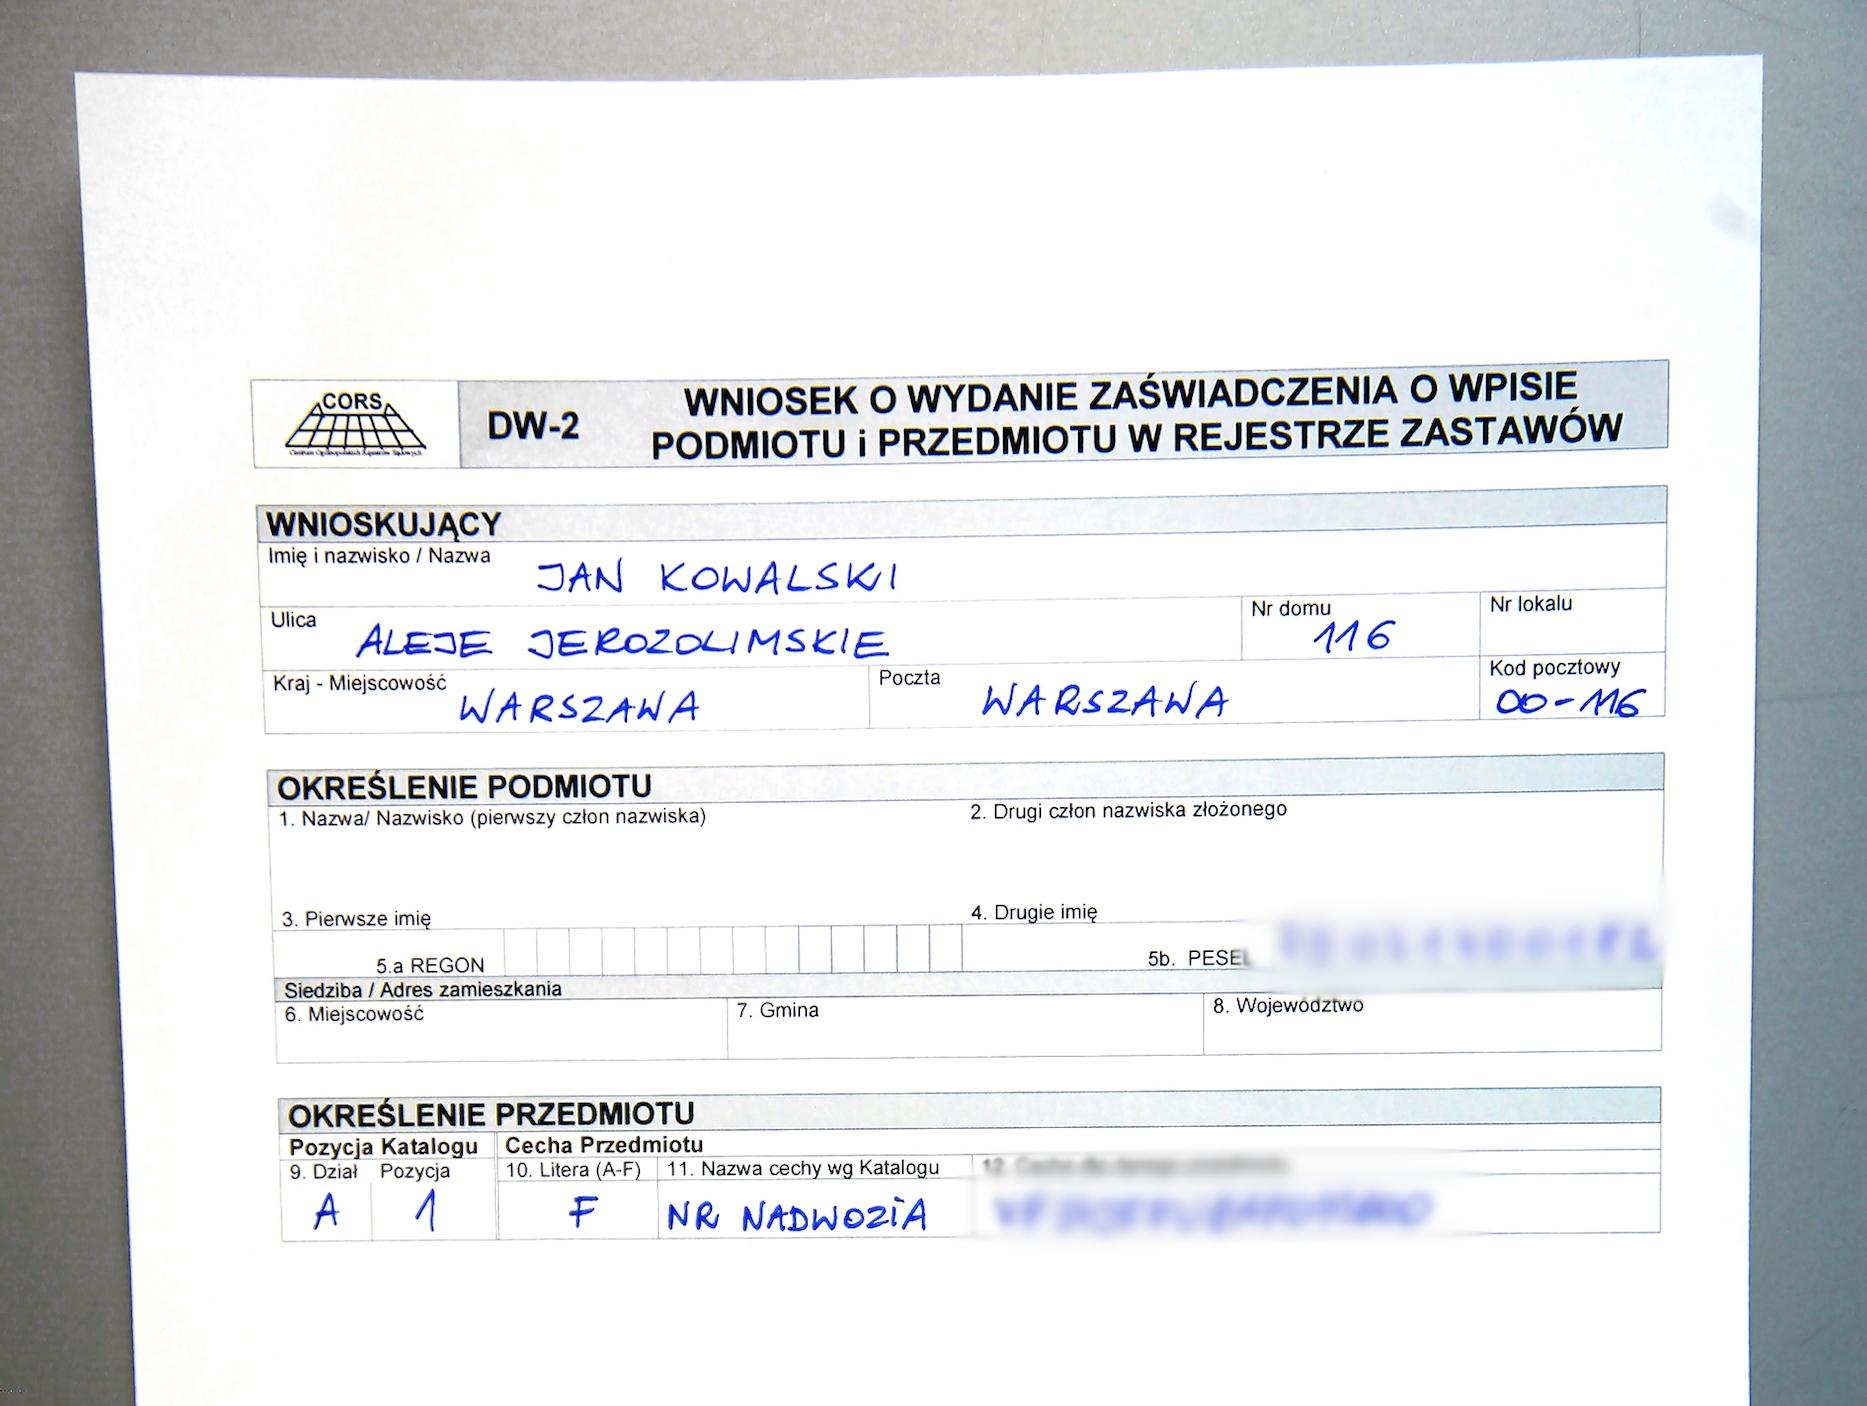 wniosek-rejestr-zastawow